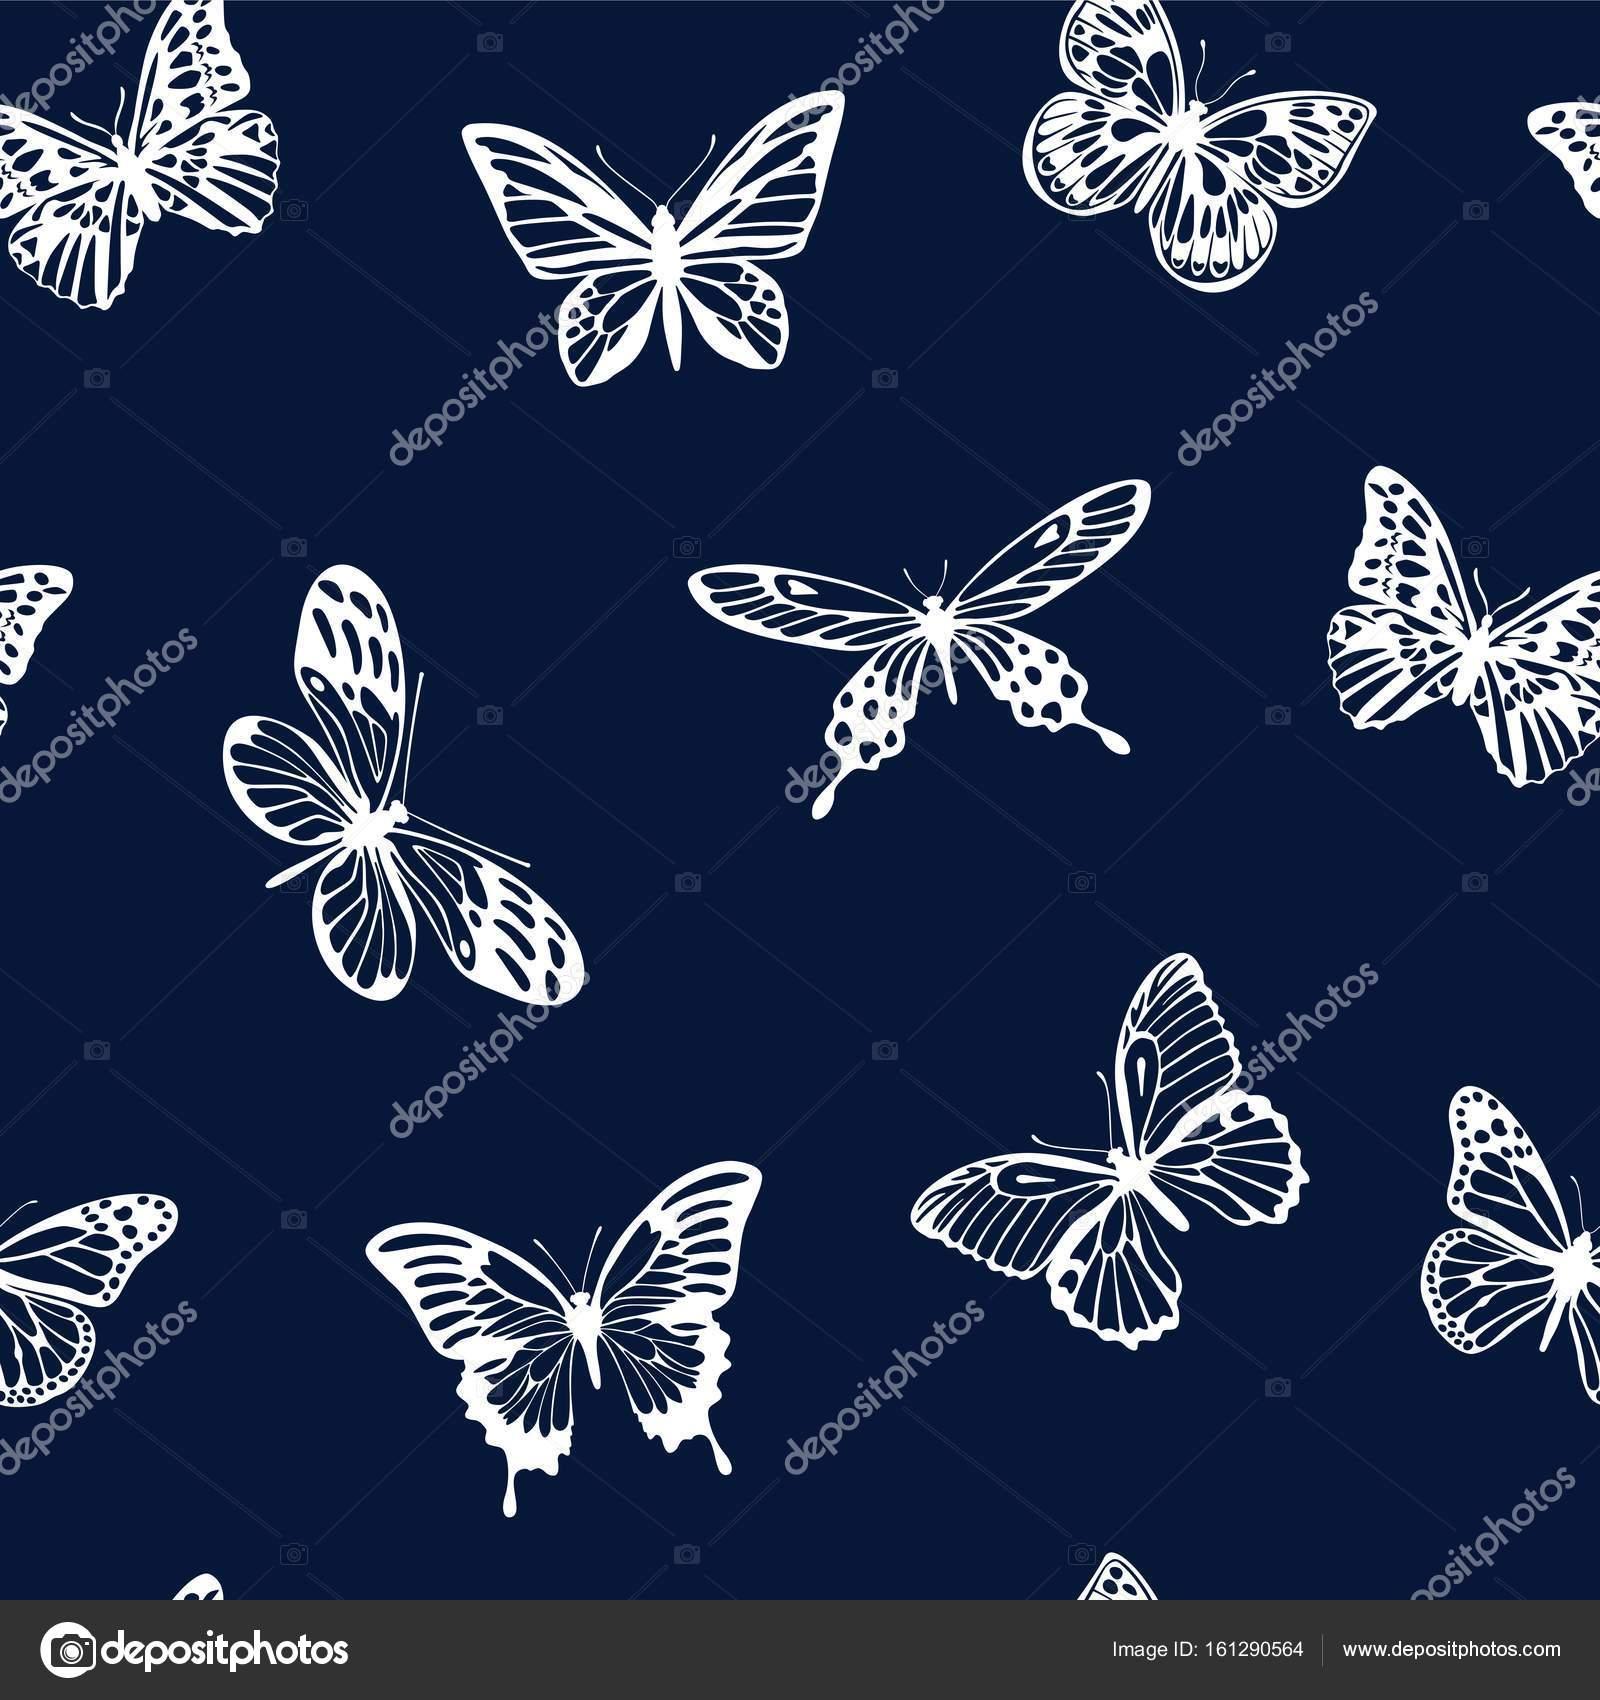 dcb4062abaa4 Vektoros mintát sziluettek a sötét kék háttérképet egy lapos stílusú  pillangók. Alkalmas csomagoló anyag- és textilipari termékek, a design, a  kézműves ...